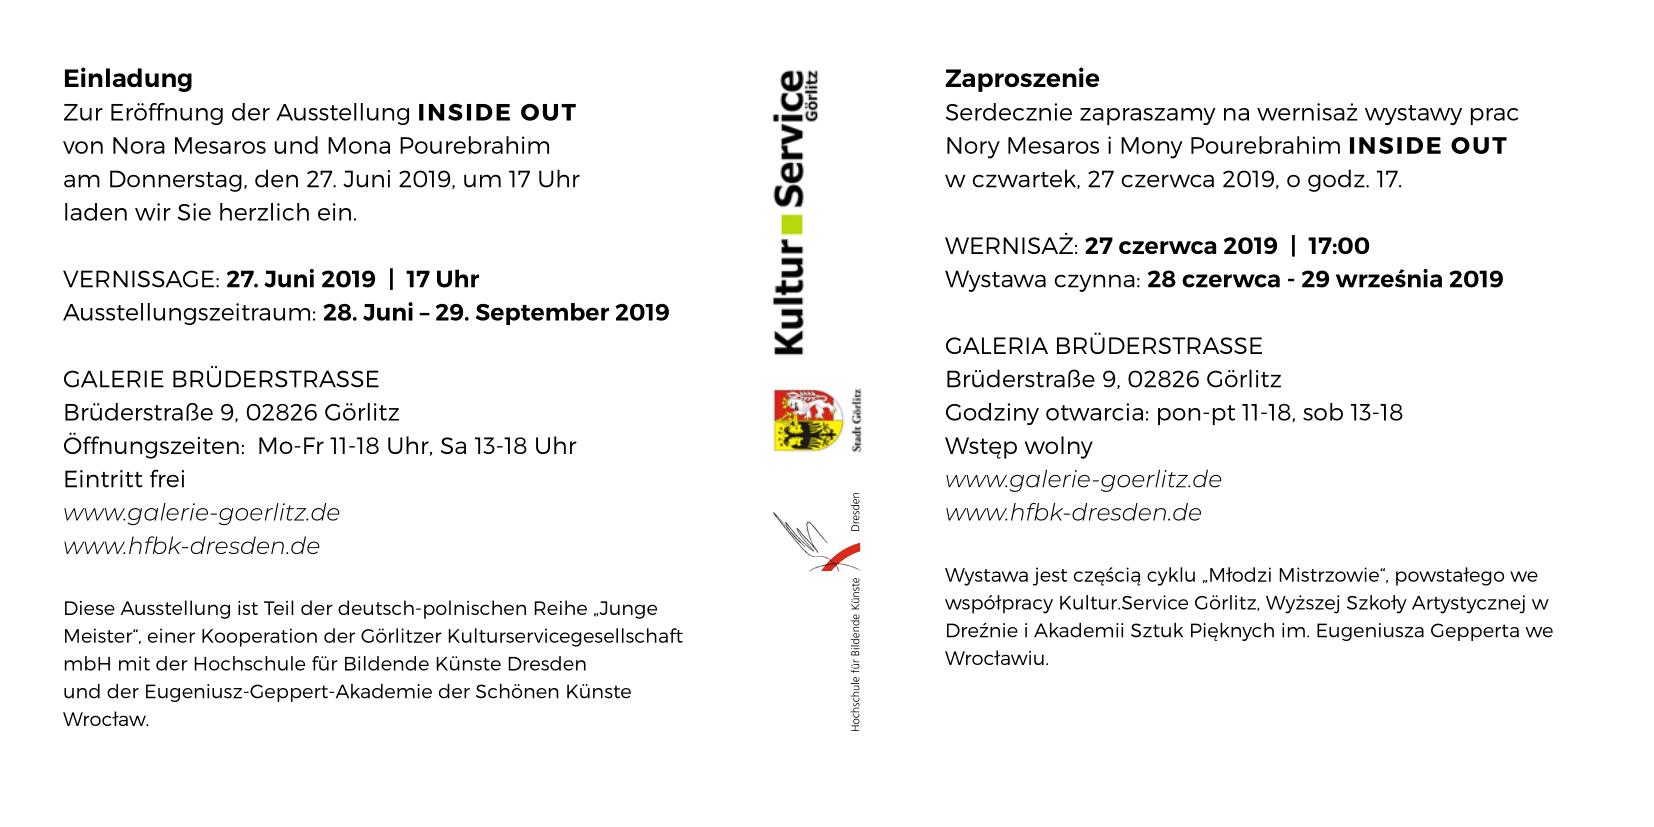 Zaproszenie na wernisaż wystawy Inside Out